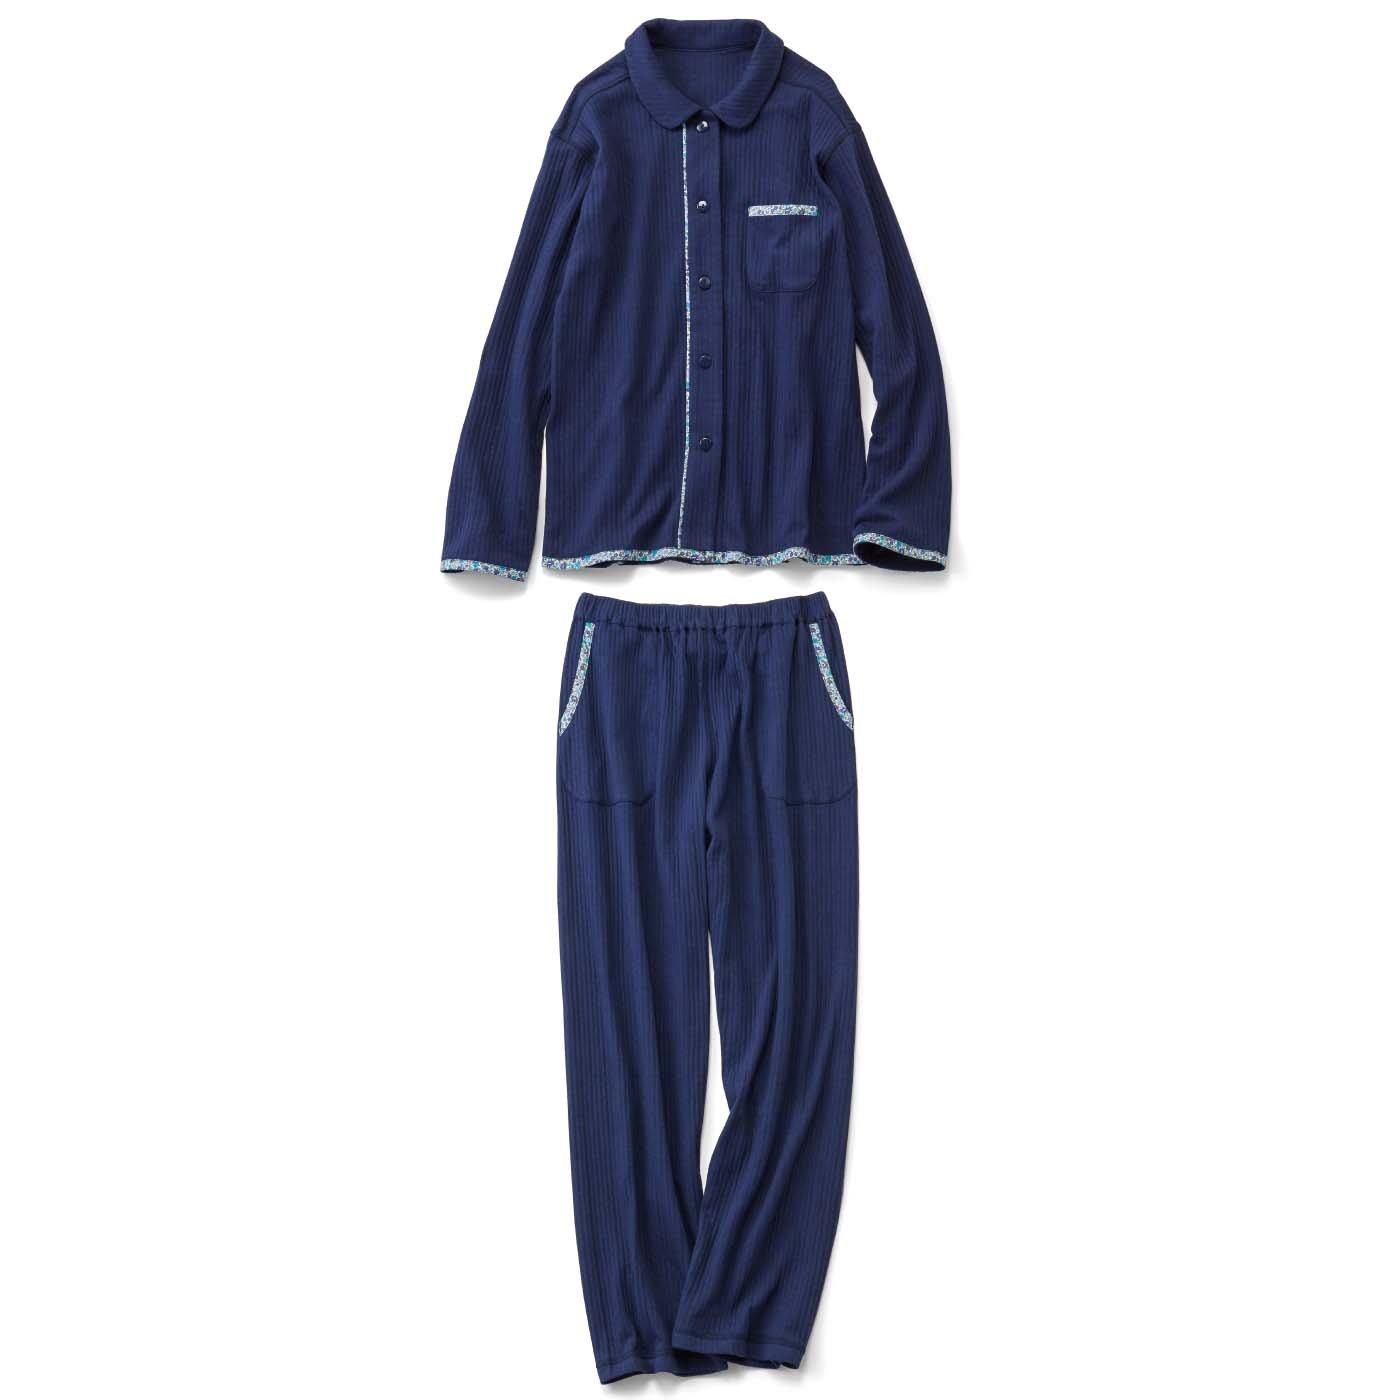 【おはだが気になるみんなへ】わきに縫い目がない 寝心地の良さに感動!ゆるふわキルティングパジャマ〈ネイビー〉